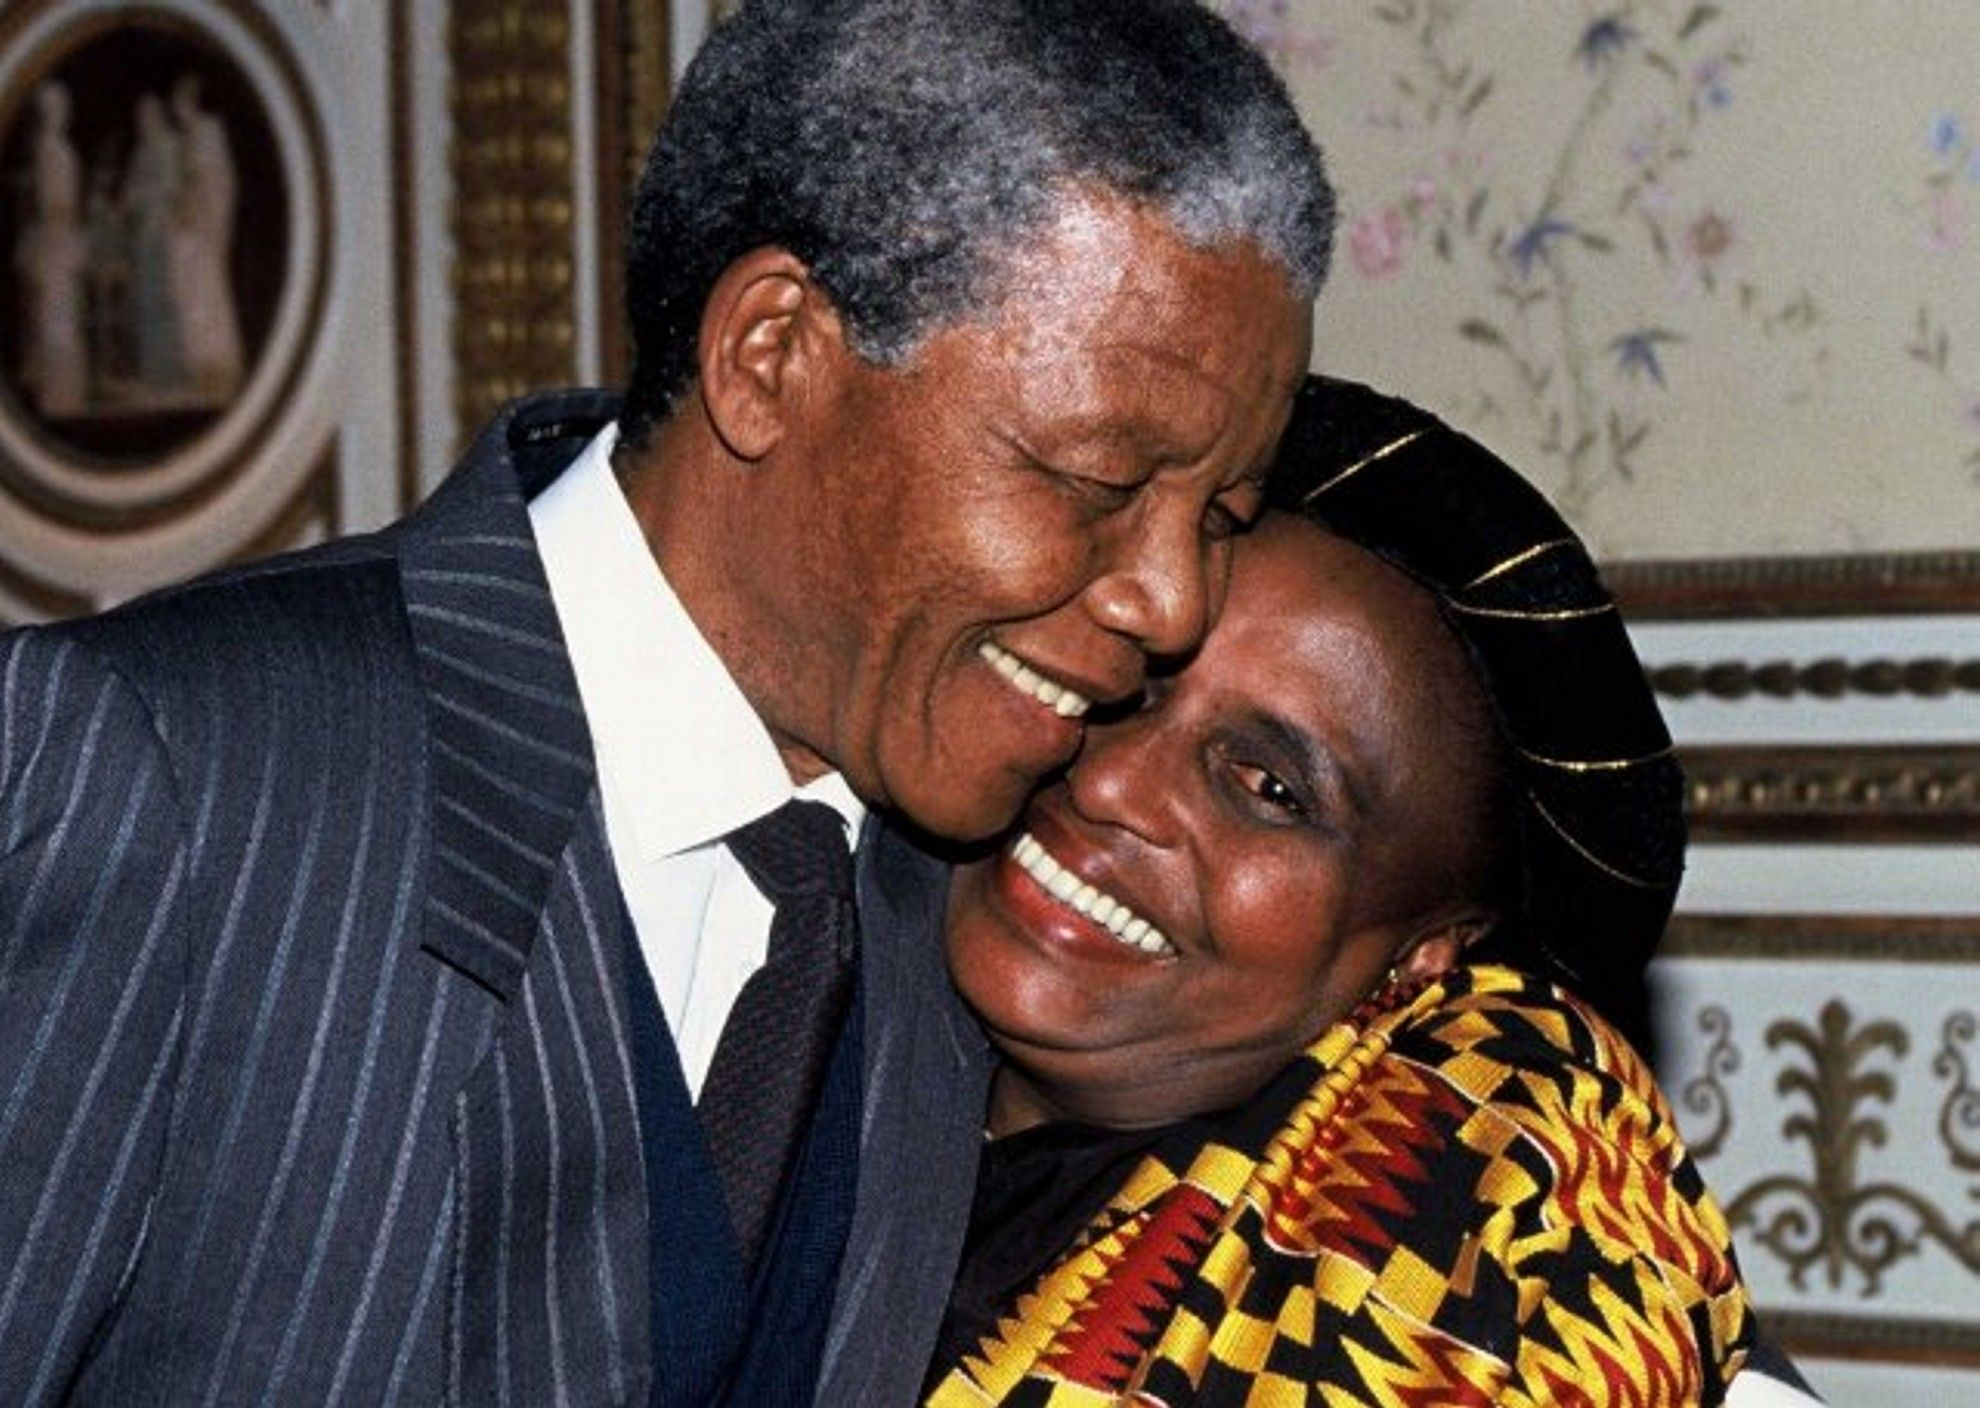 Miriam Makeba, Mama Africa, Pata Pata and Nelson Mandela | Nelson mandela, Miriam makeba, Mandela